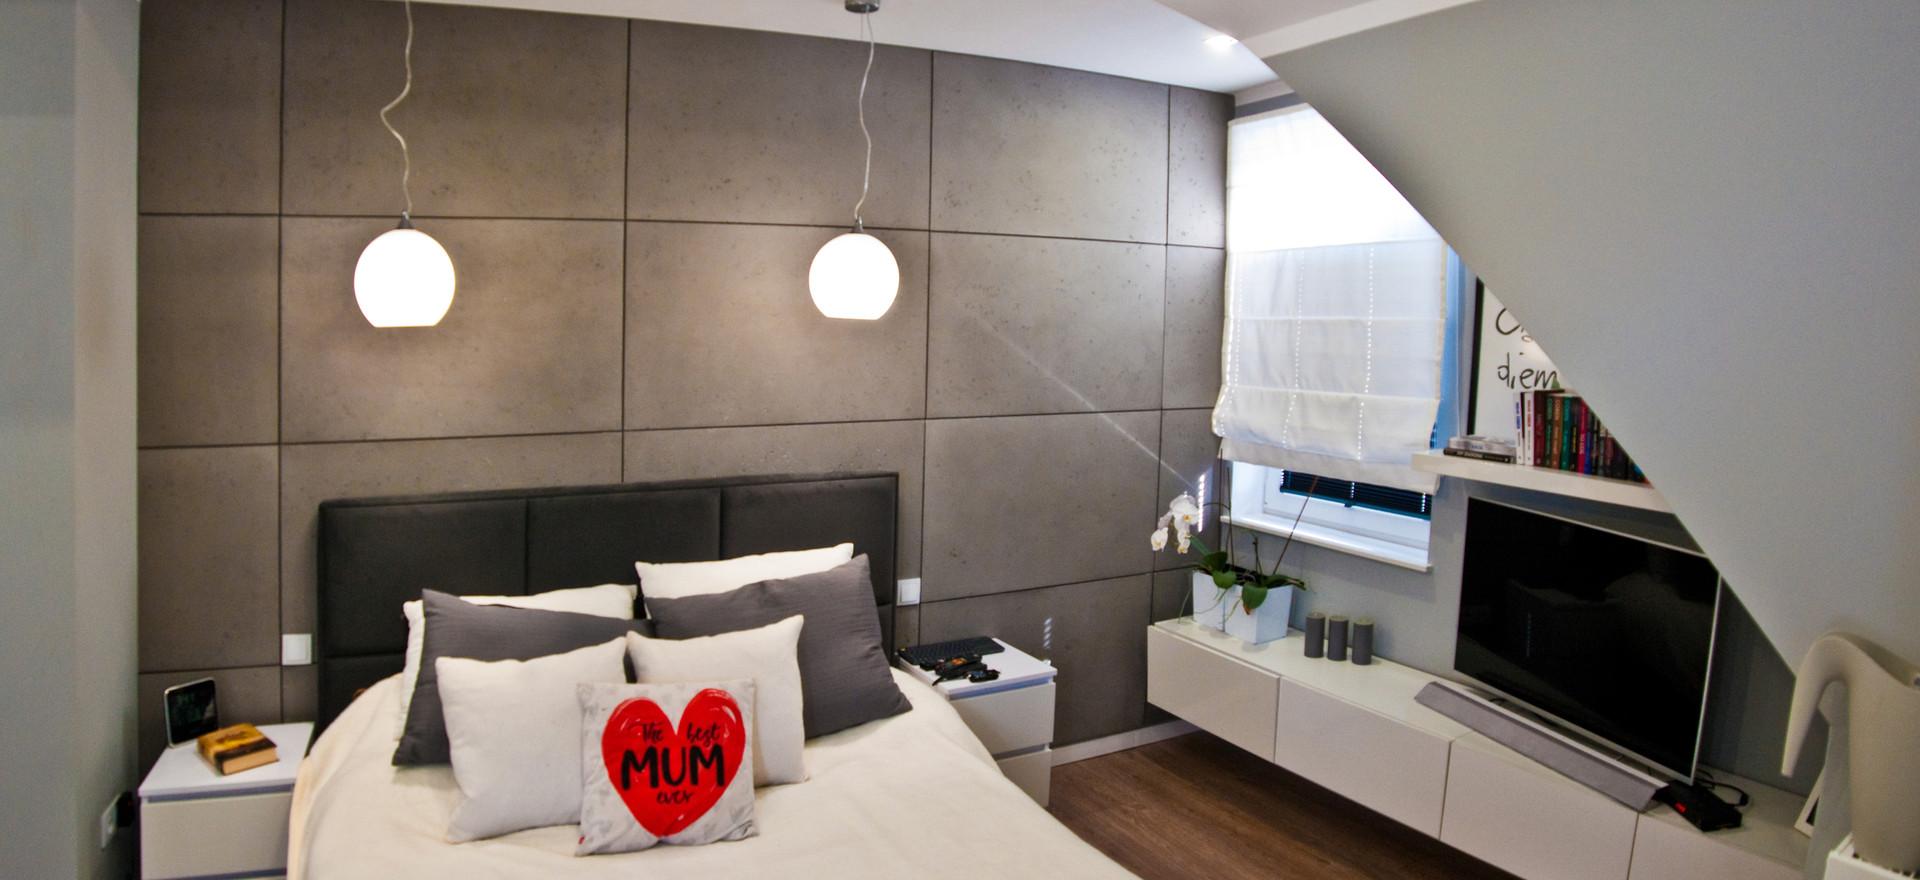 Bedroom - Folkestone, Kent 2020